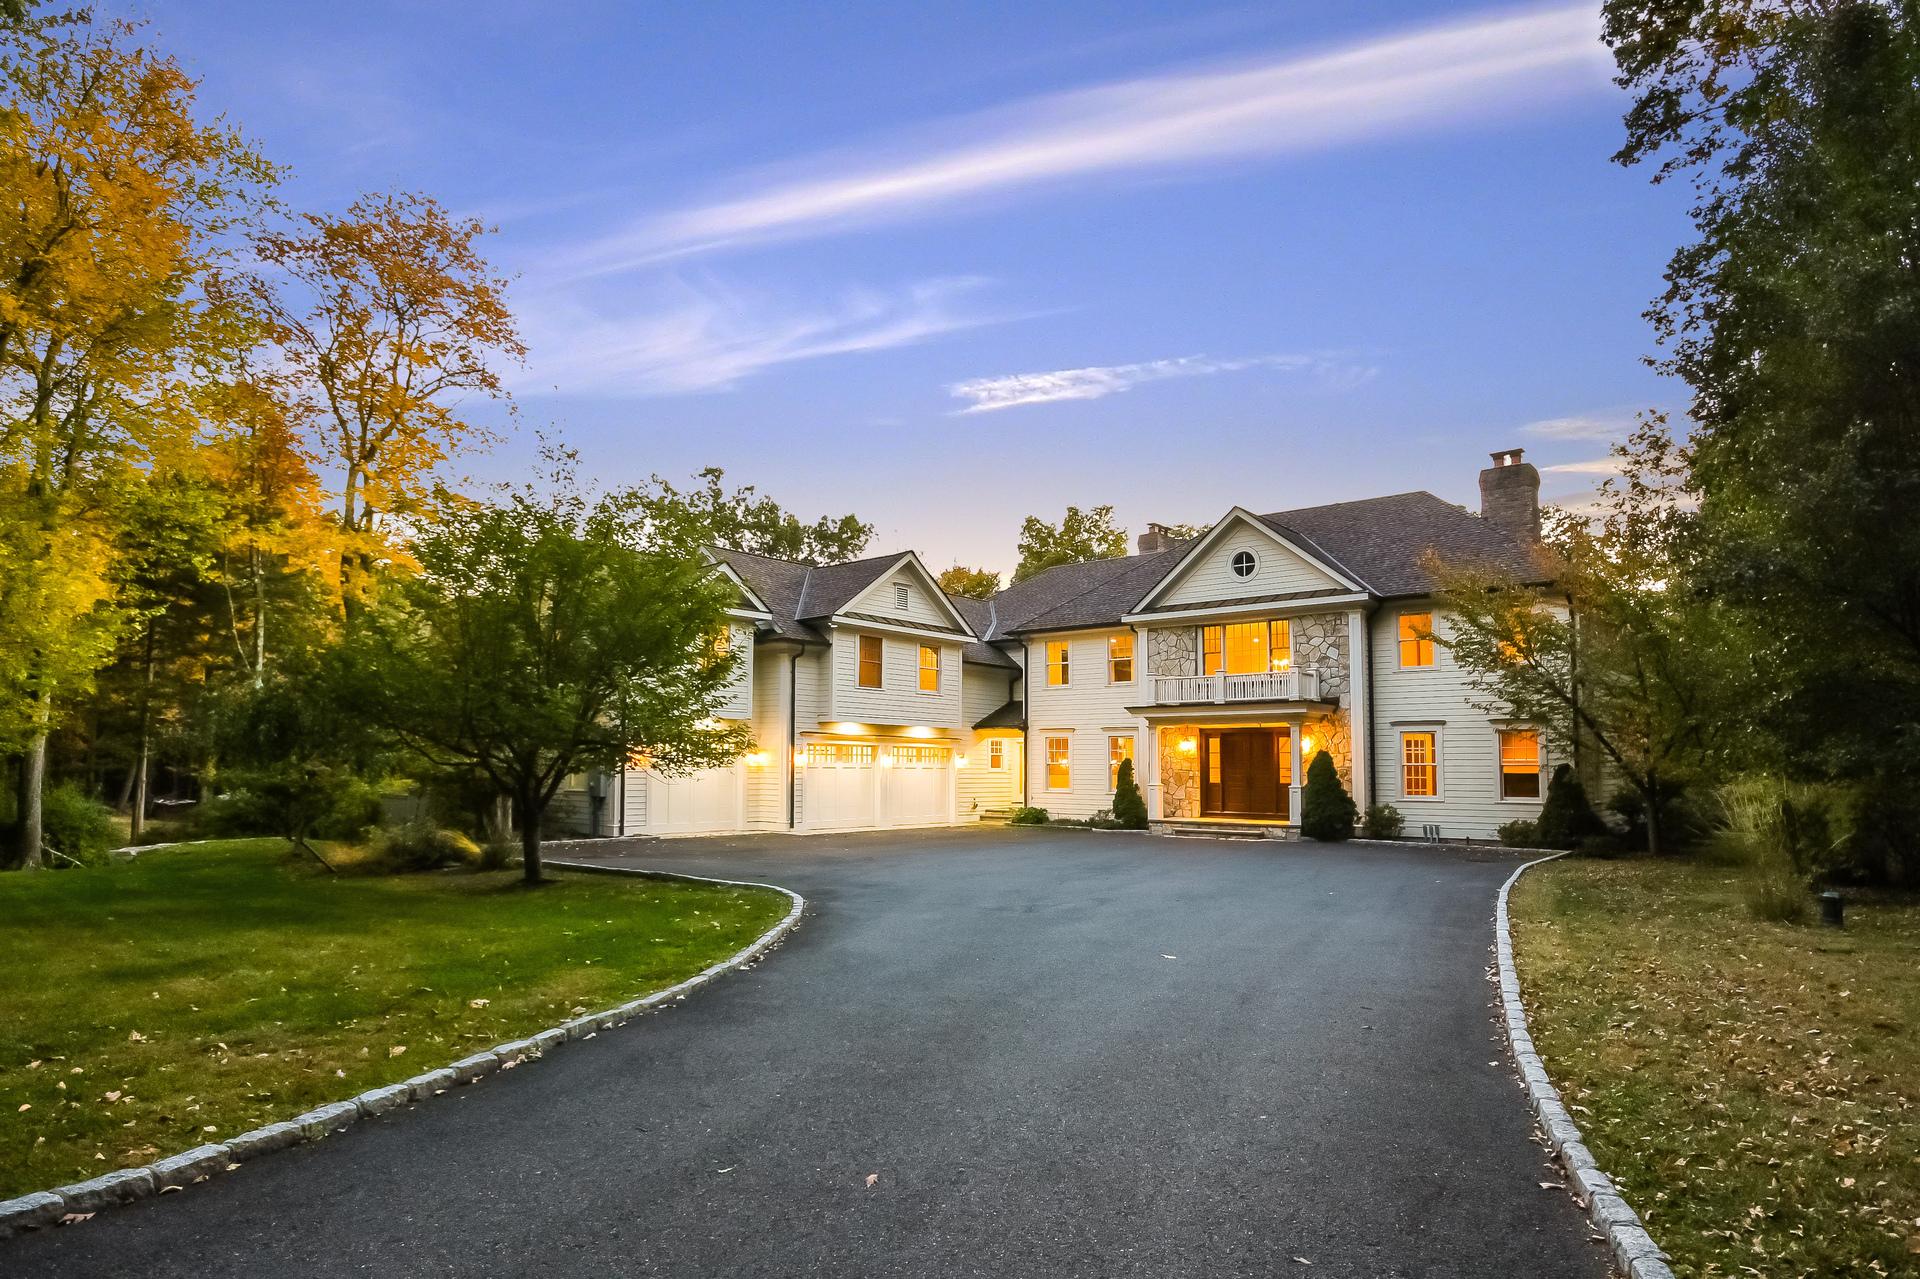 단독 가정 주택 용 매매 에 Unprecedented Value 21 Richmond Hill Road Weston, 코네티컷, 06883 미국